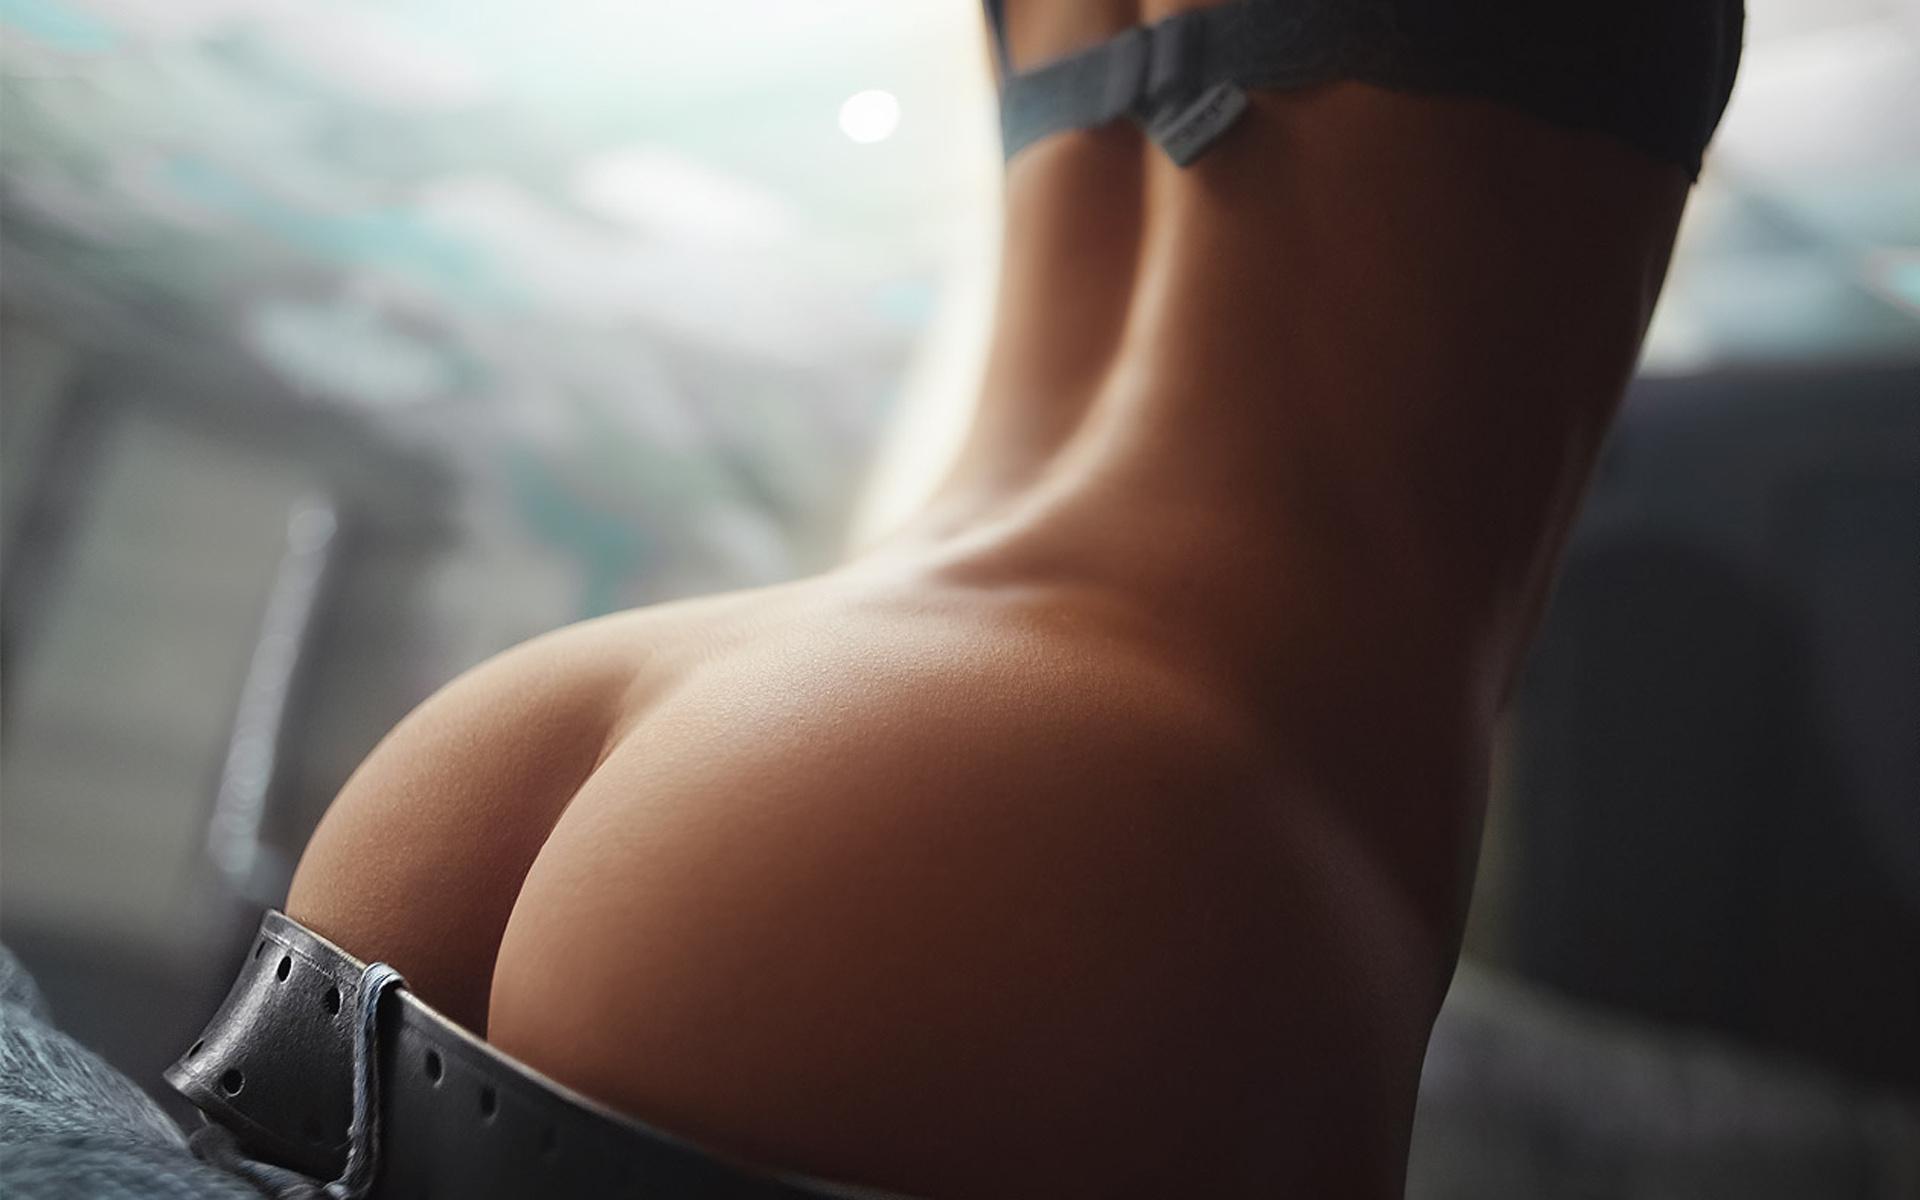 Самая красивая голая сексуальная попка, Красивая попа. Смотреть порно видео красивые попы 27 фотография